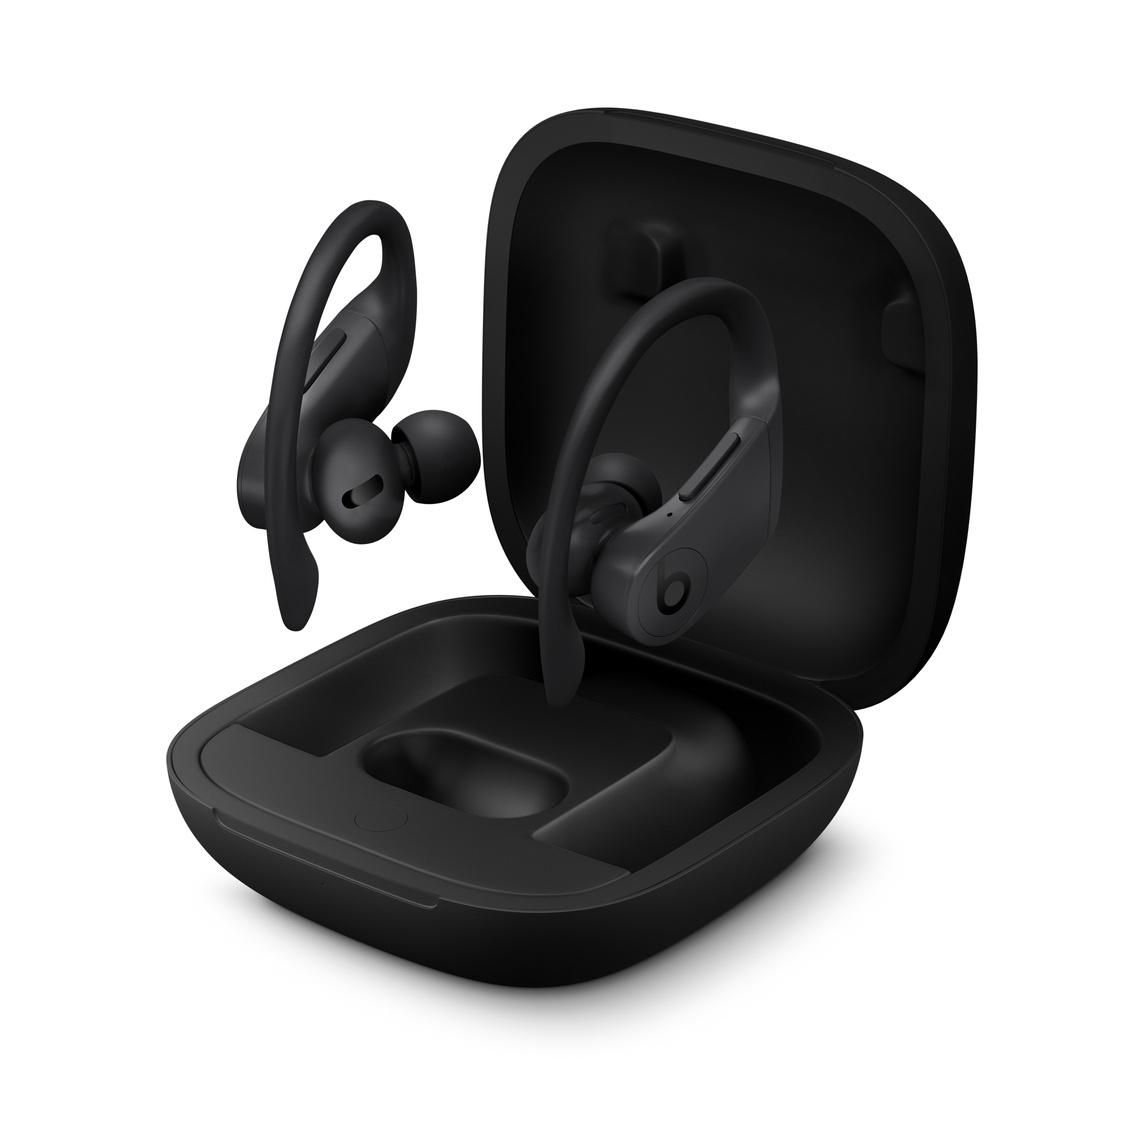 Powerbeats Pro Totally Wireless Earphones Black Education Apple